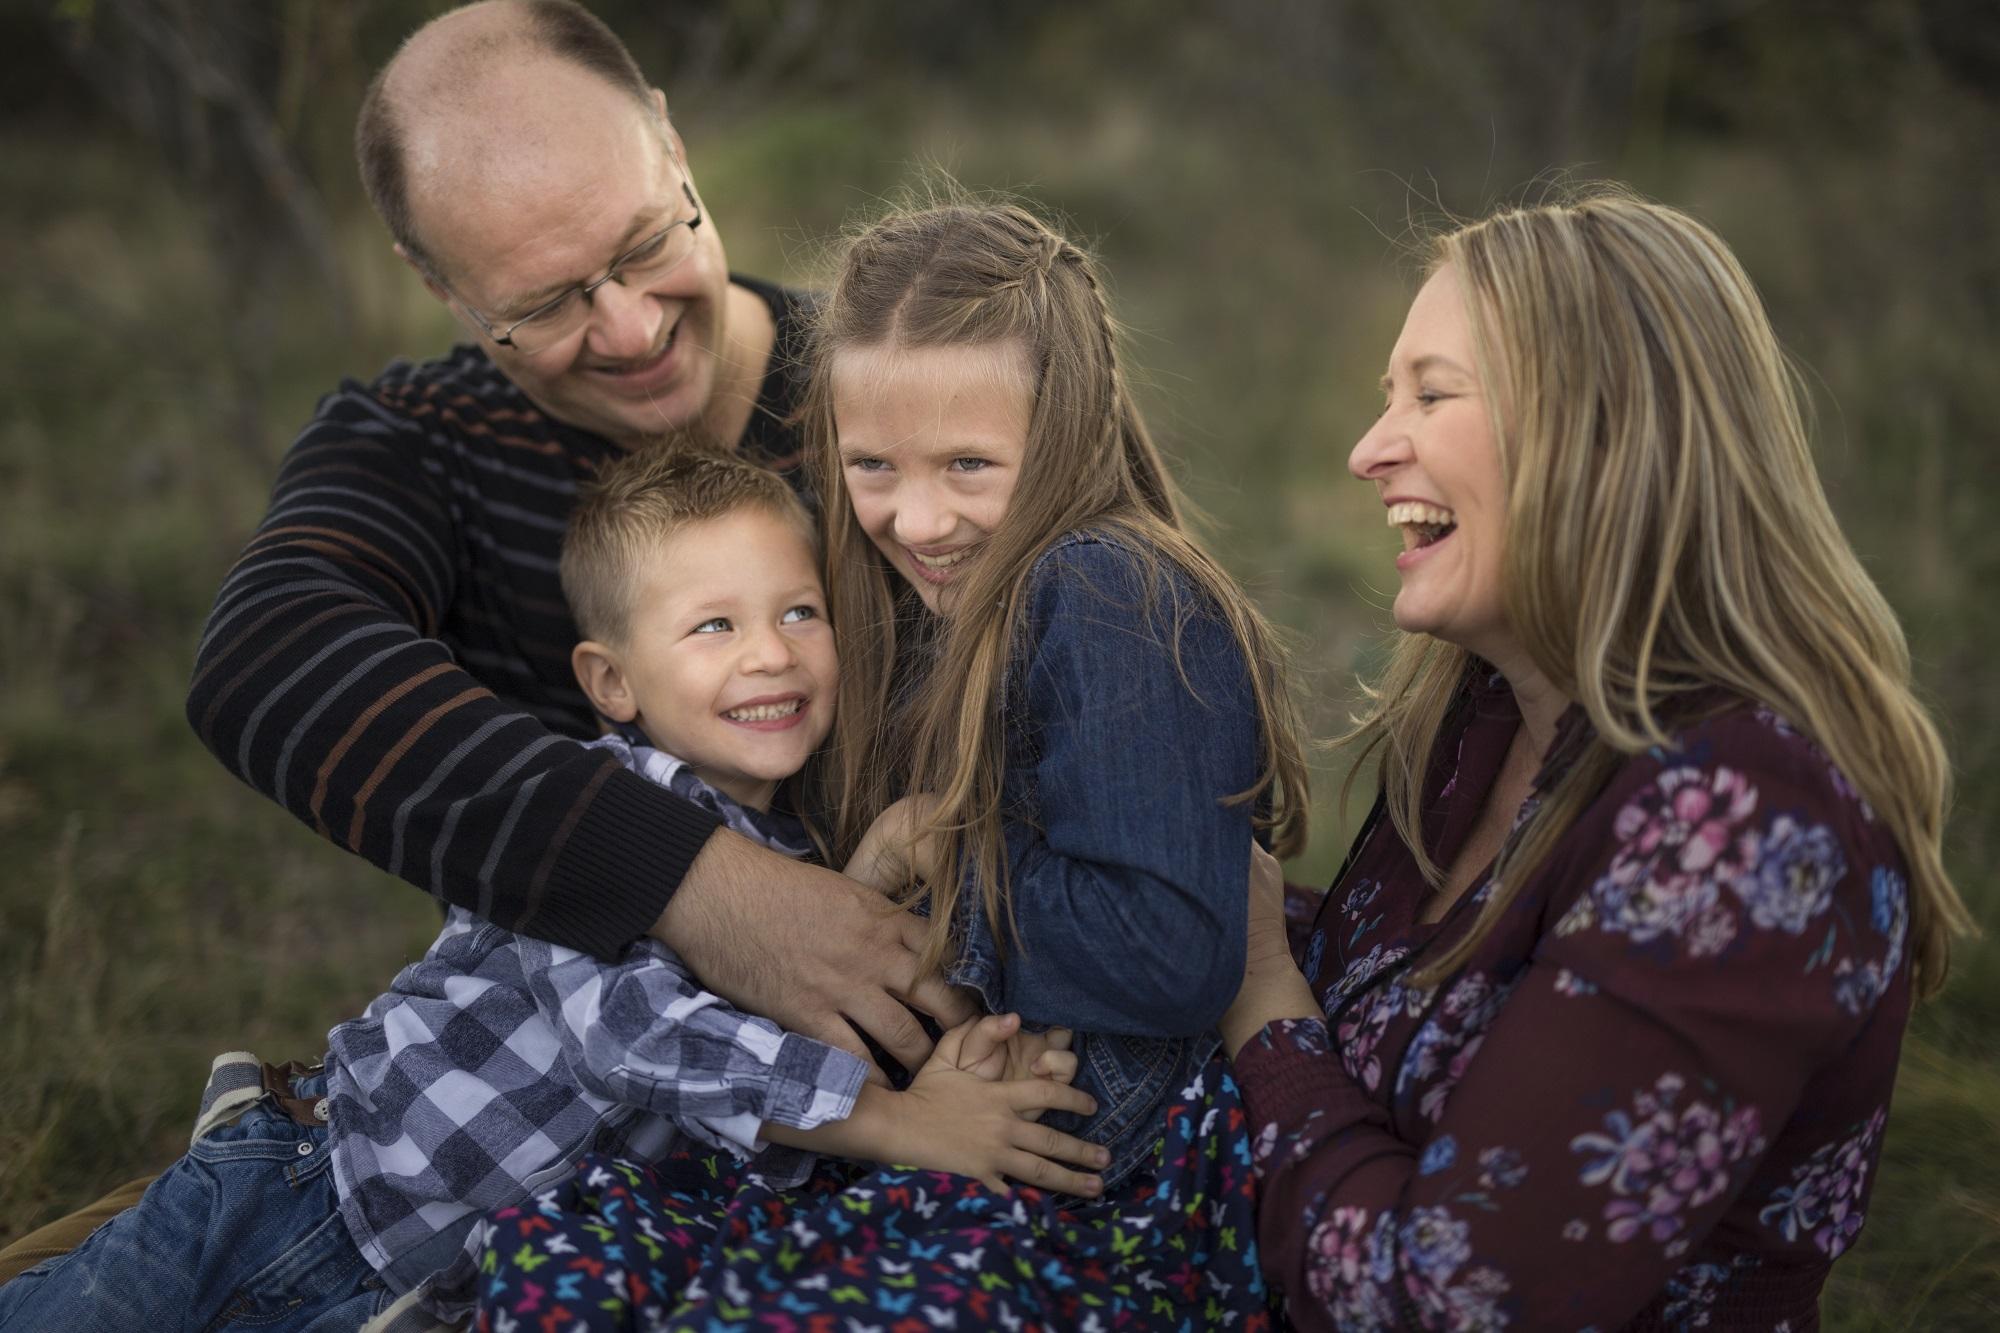 A természet harmóniája mindenkit megnyugtat, felold és így  a mosoly, ölelés természetessé, őszintévé válik. Magas minőségben kidolgozott lifestyle családi fotók.